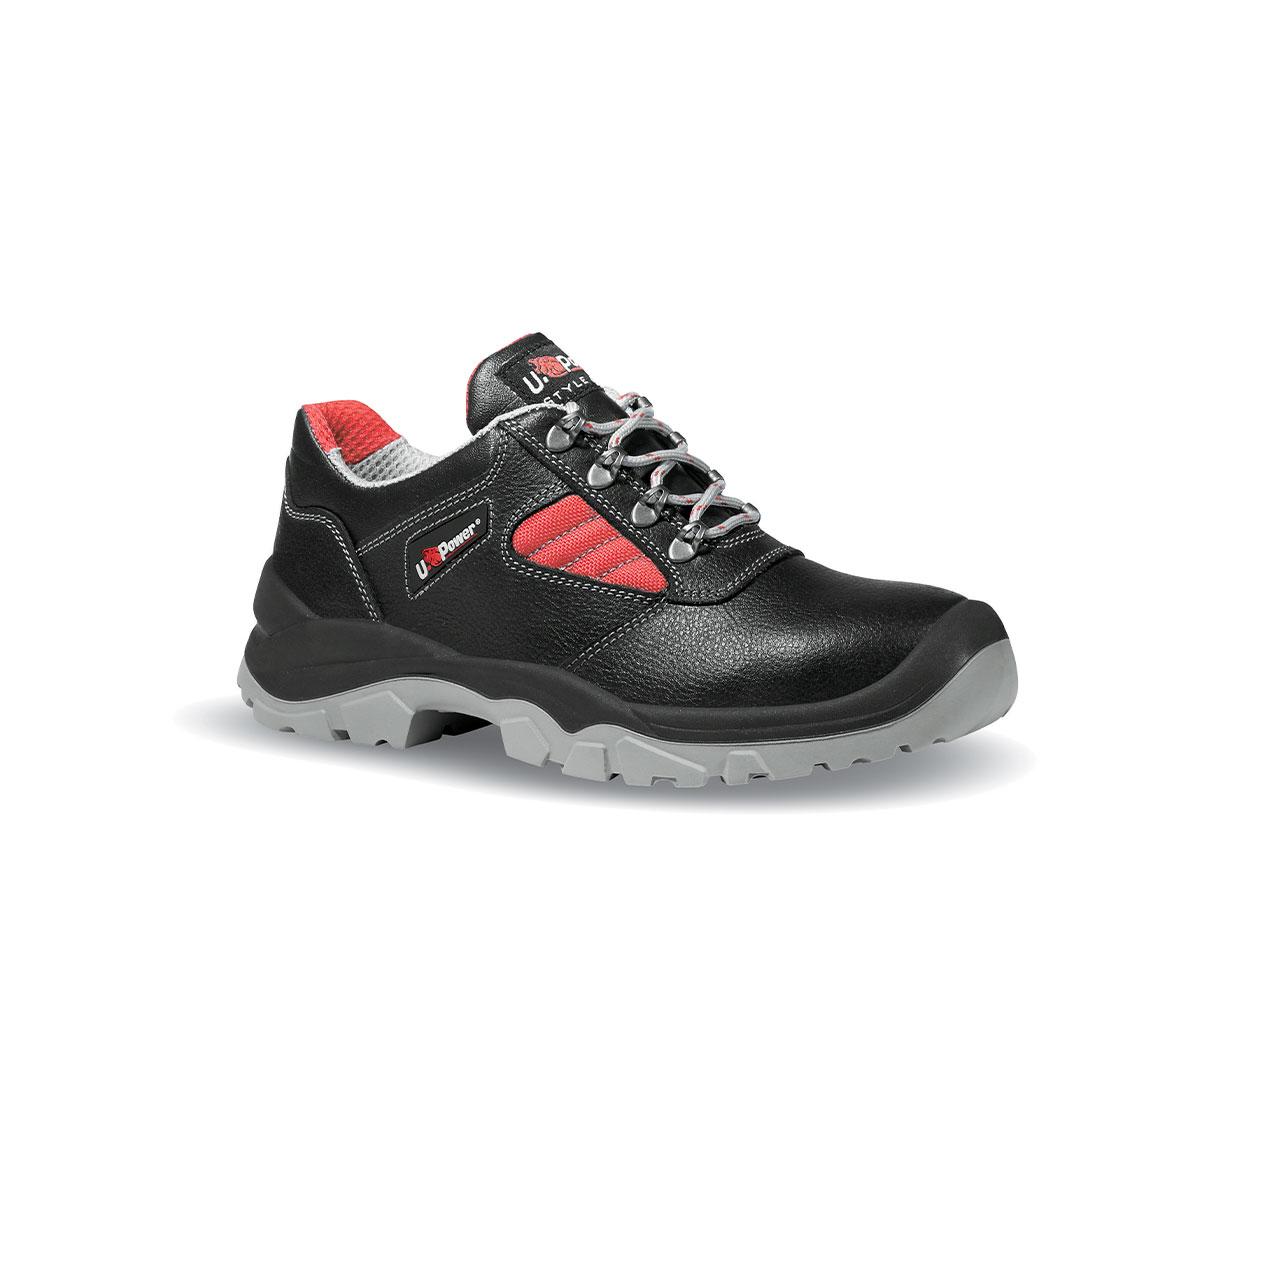 scarpa antinfortunistica upower modello mauna linea STYLE_JOB vista laterale